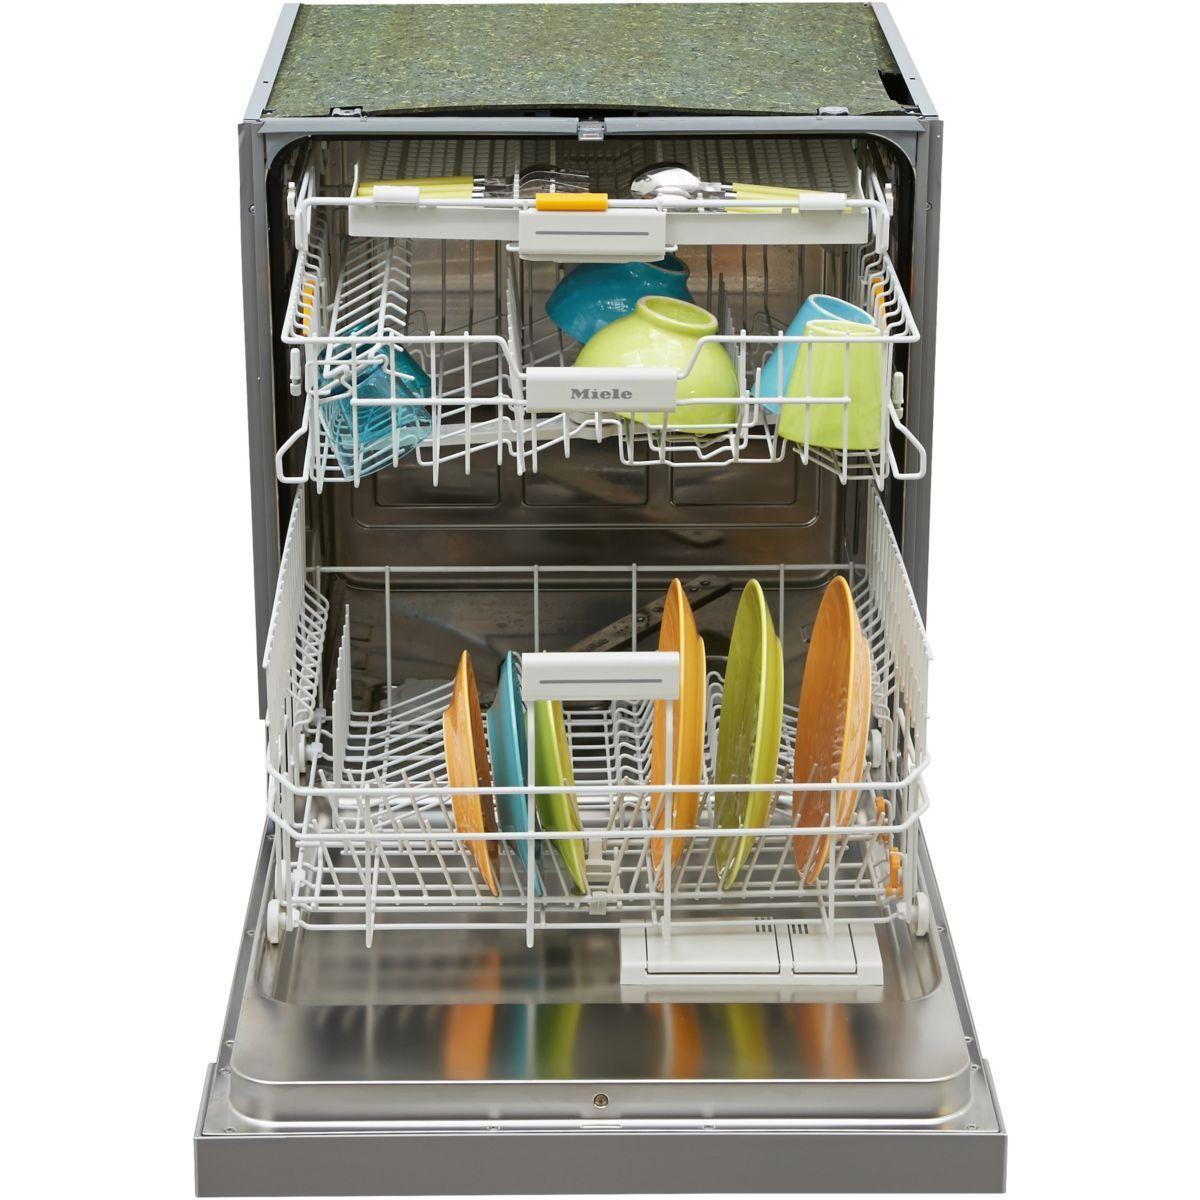 Lave Vaisselle G 4942 Sci In Lave Vaisselle Integrable Lave Vaisselle Encastrable Et Lave Vaisselle